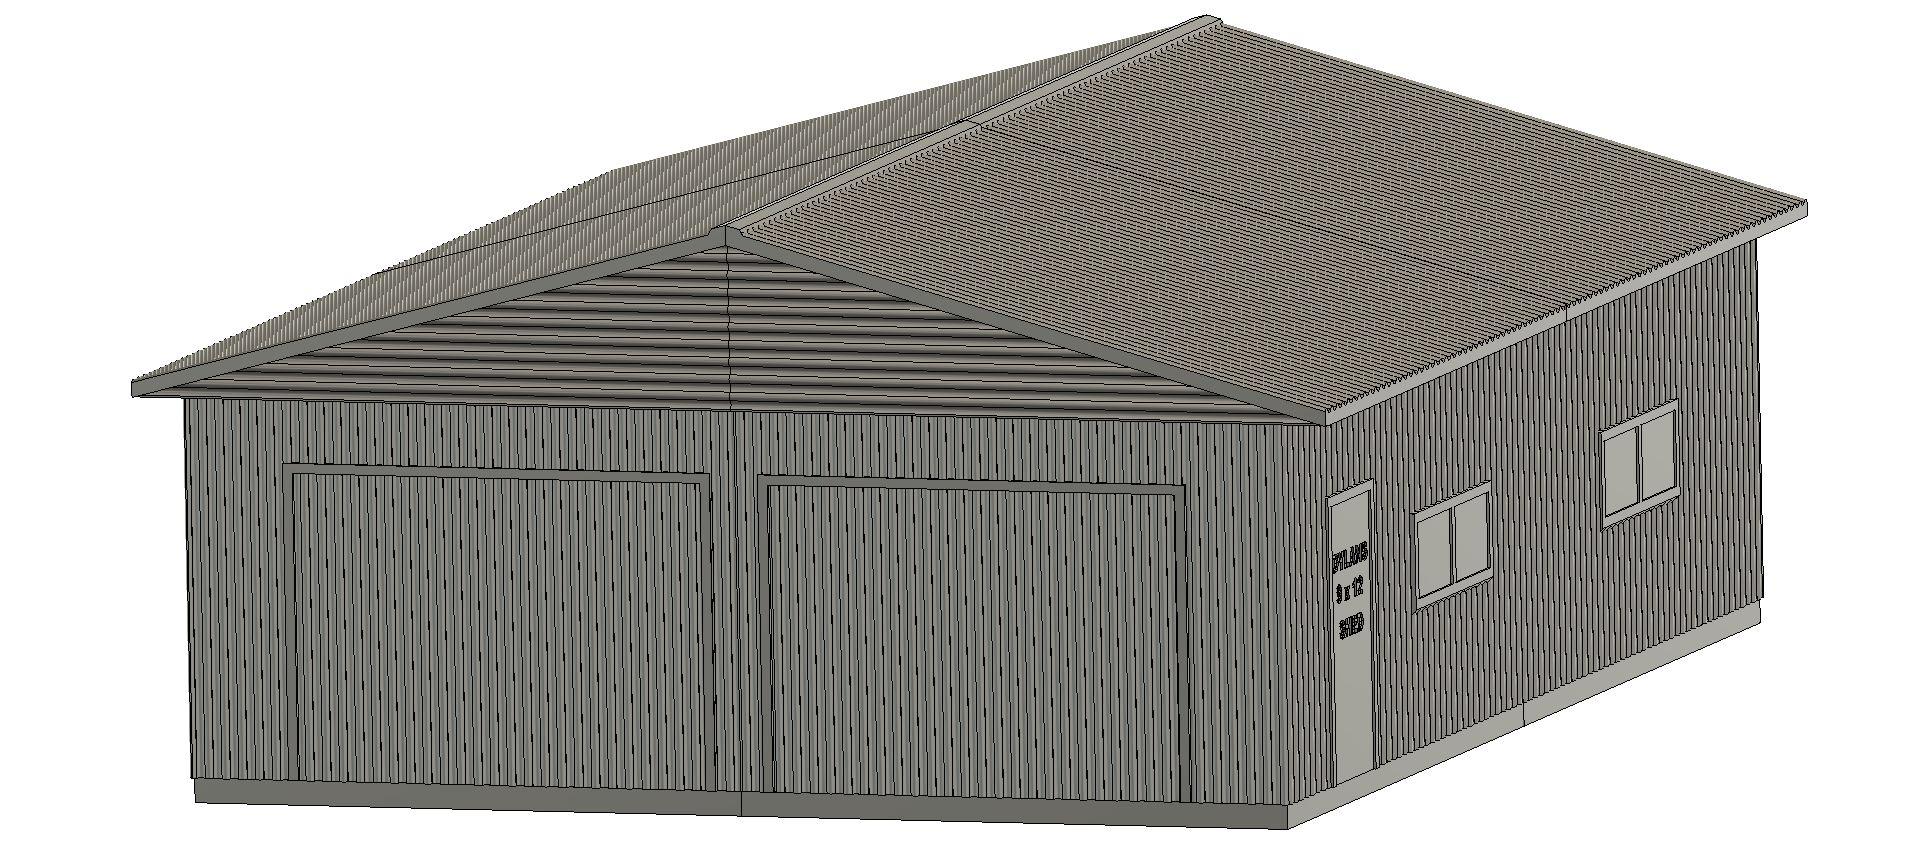 Dylans-9x12-shed-v6-2-3500-3500